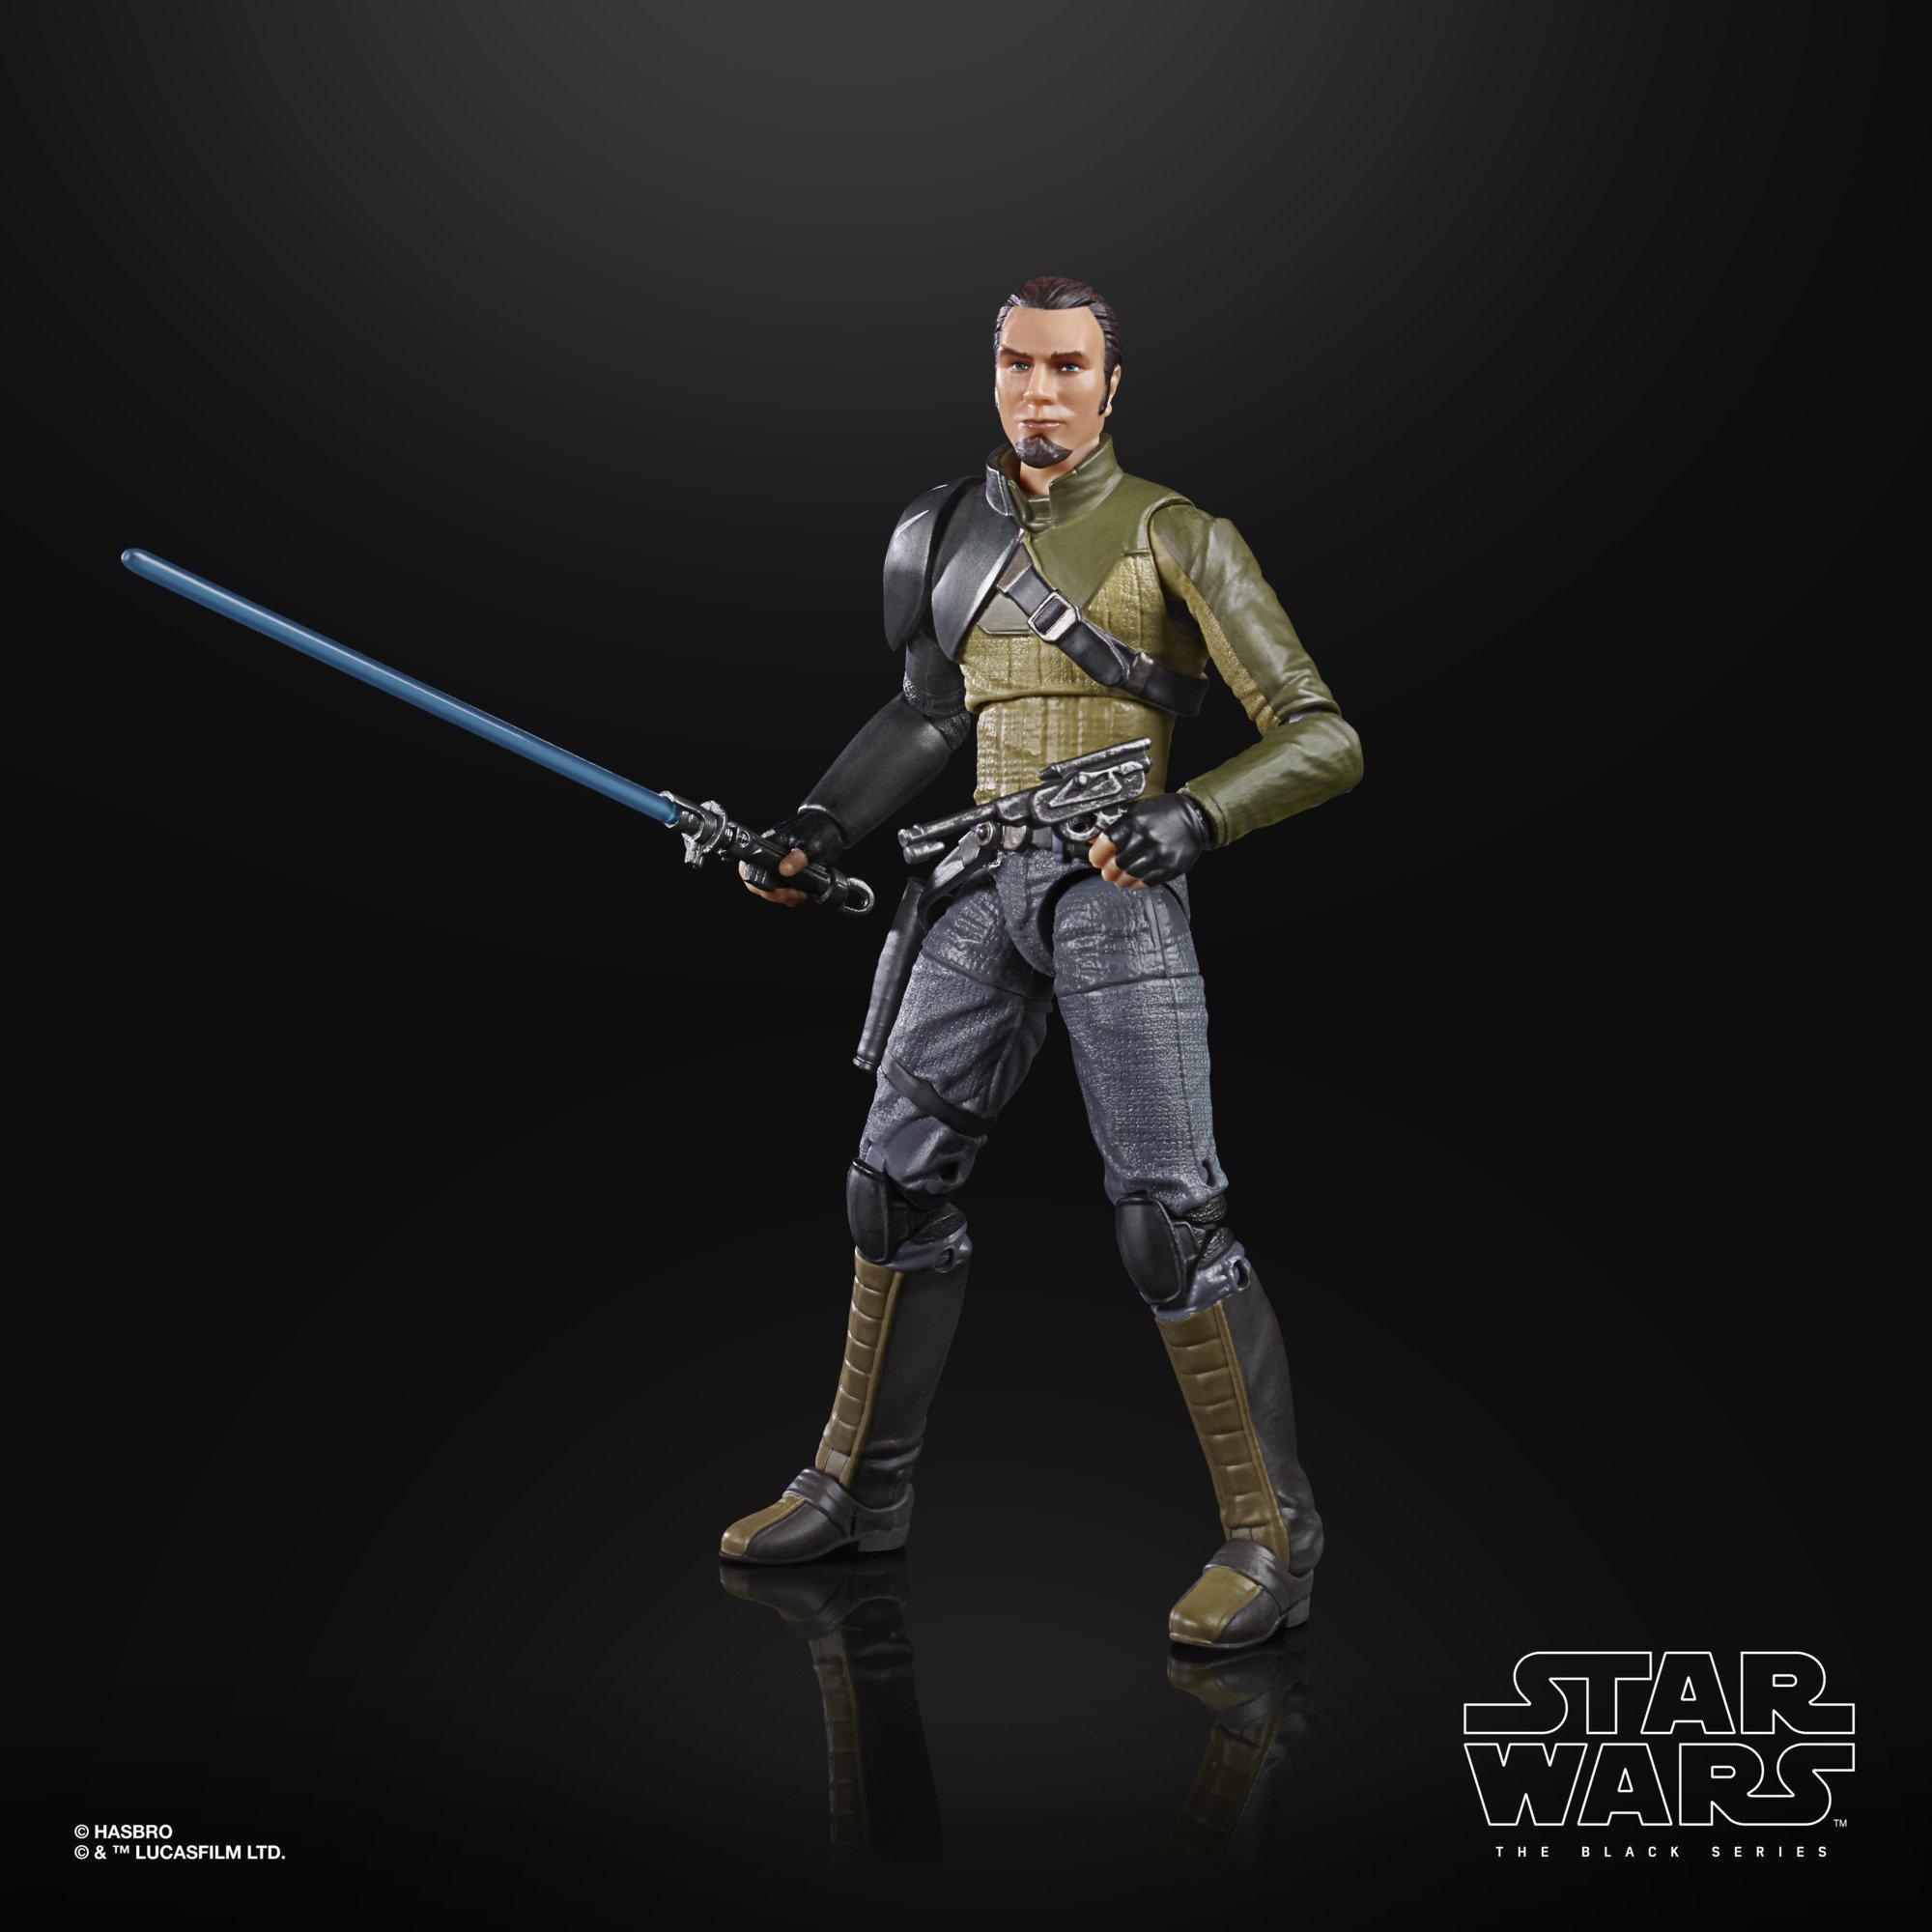 Star Wars Rebels Kanan Jarrus The Black Series Action Figure